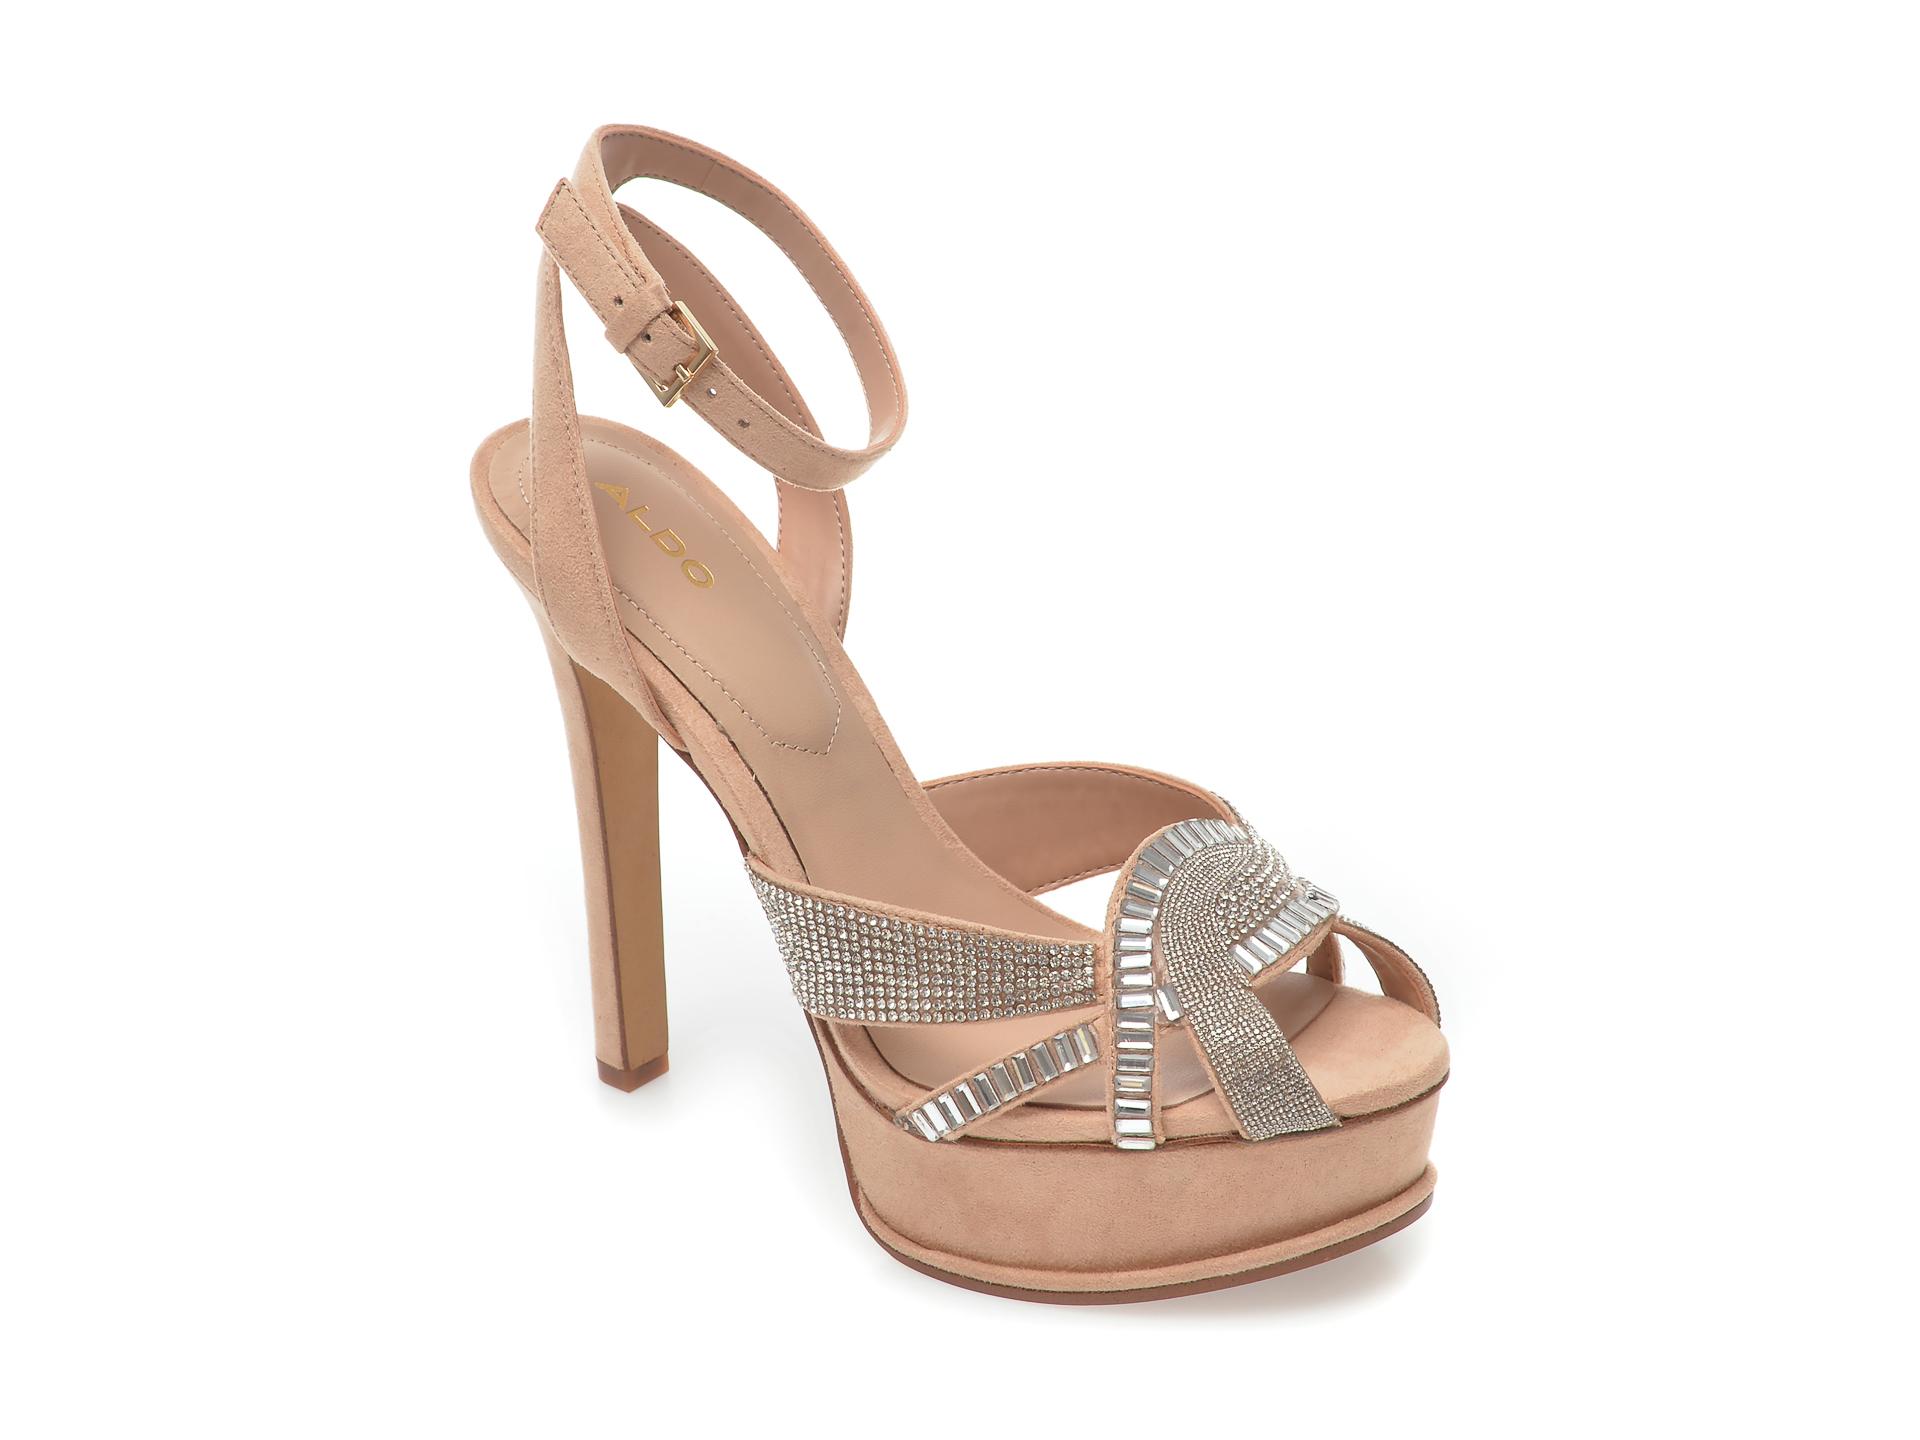 Sandale ALDO nude, Laclabling270, din piele ecologica New